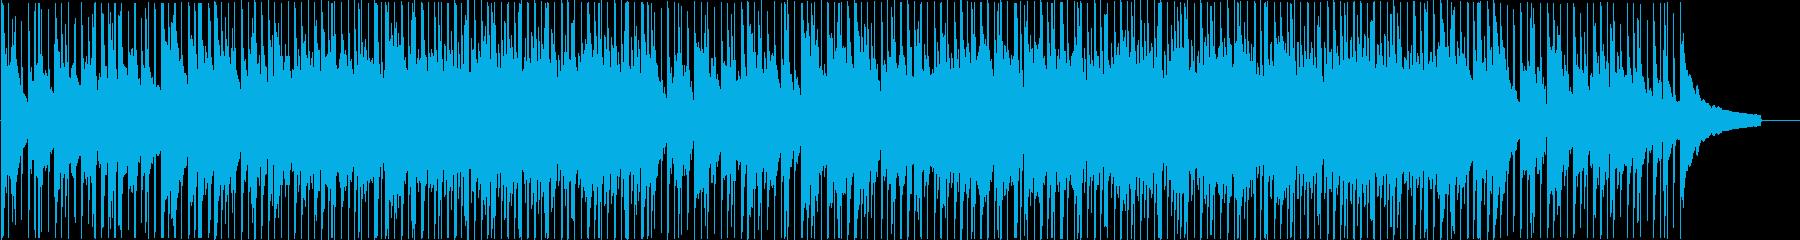 アコースティック系OPドラム即盛り上る版の再生済みの波形